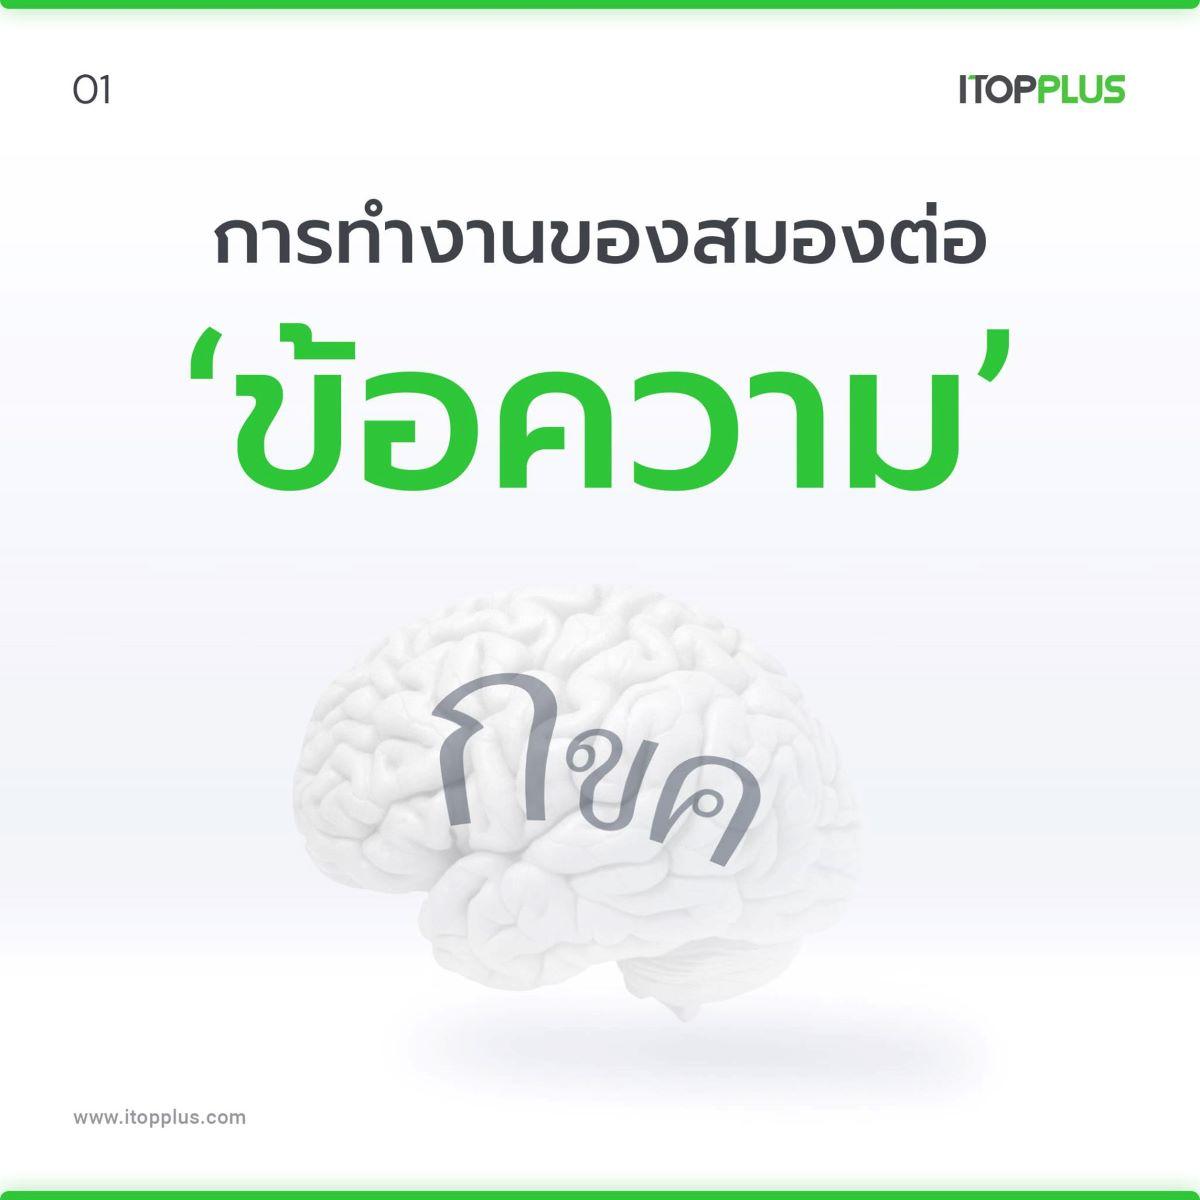 สมองชอบ